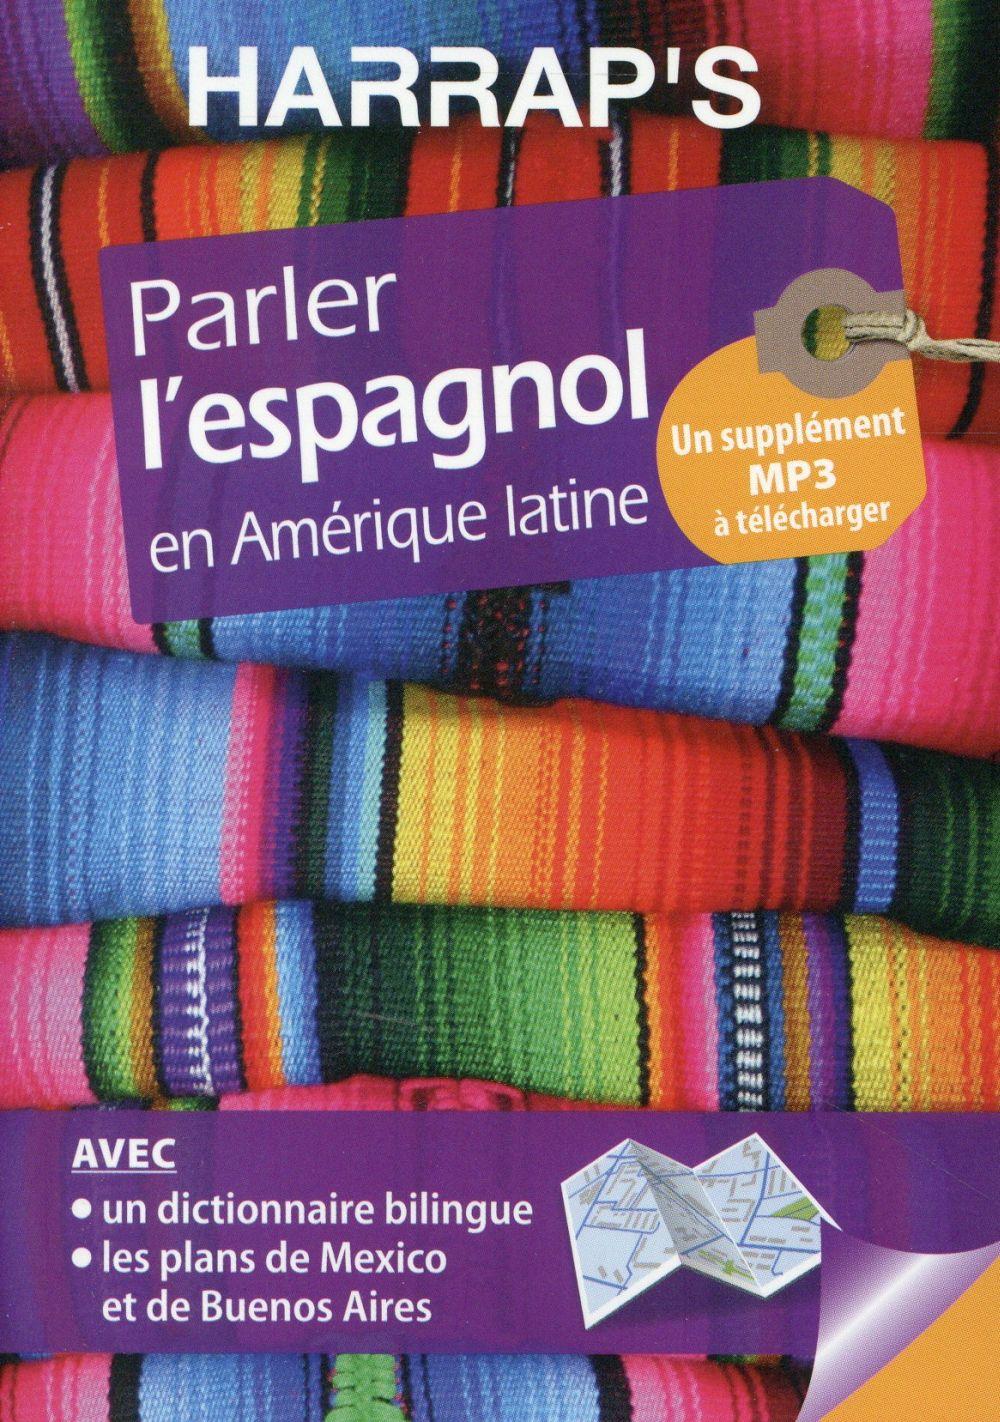 Parler l'espagnol en Amérique latine